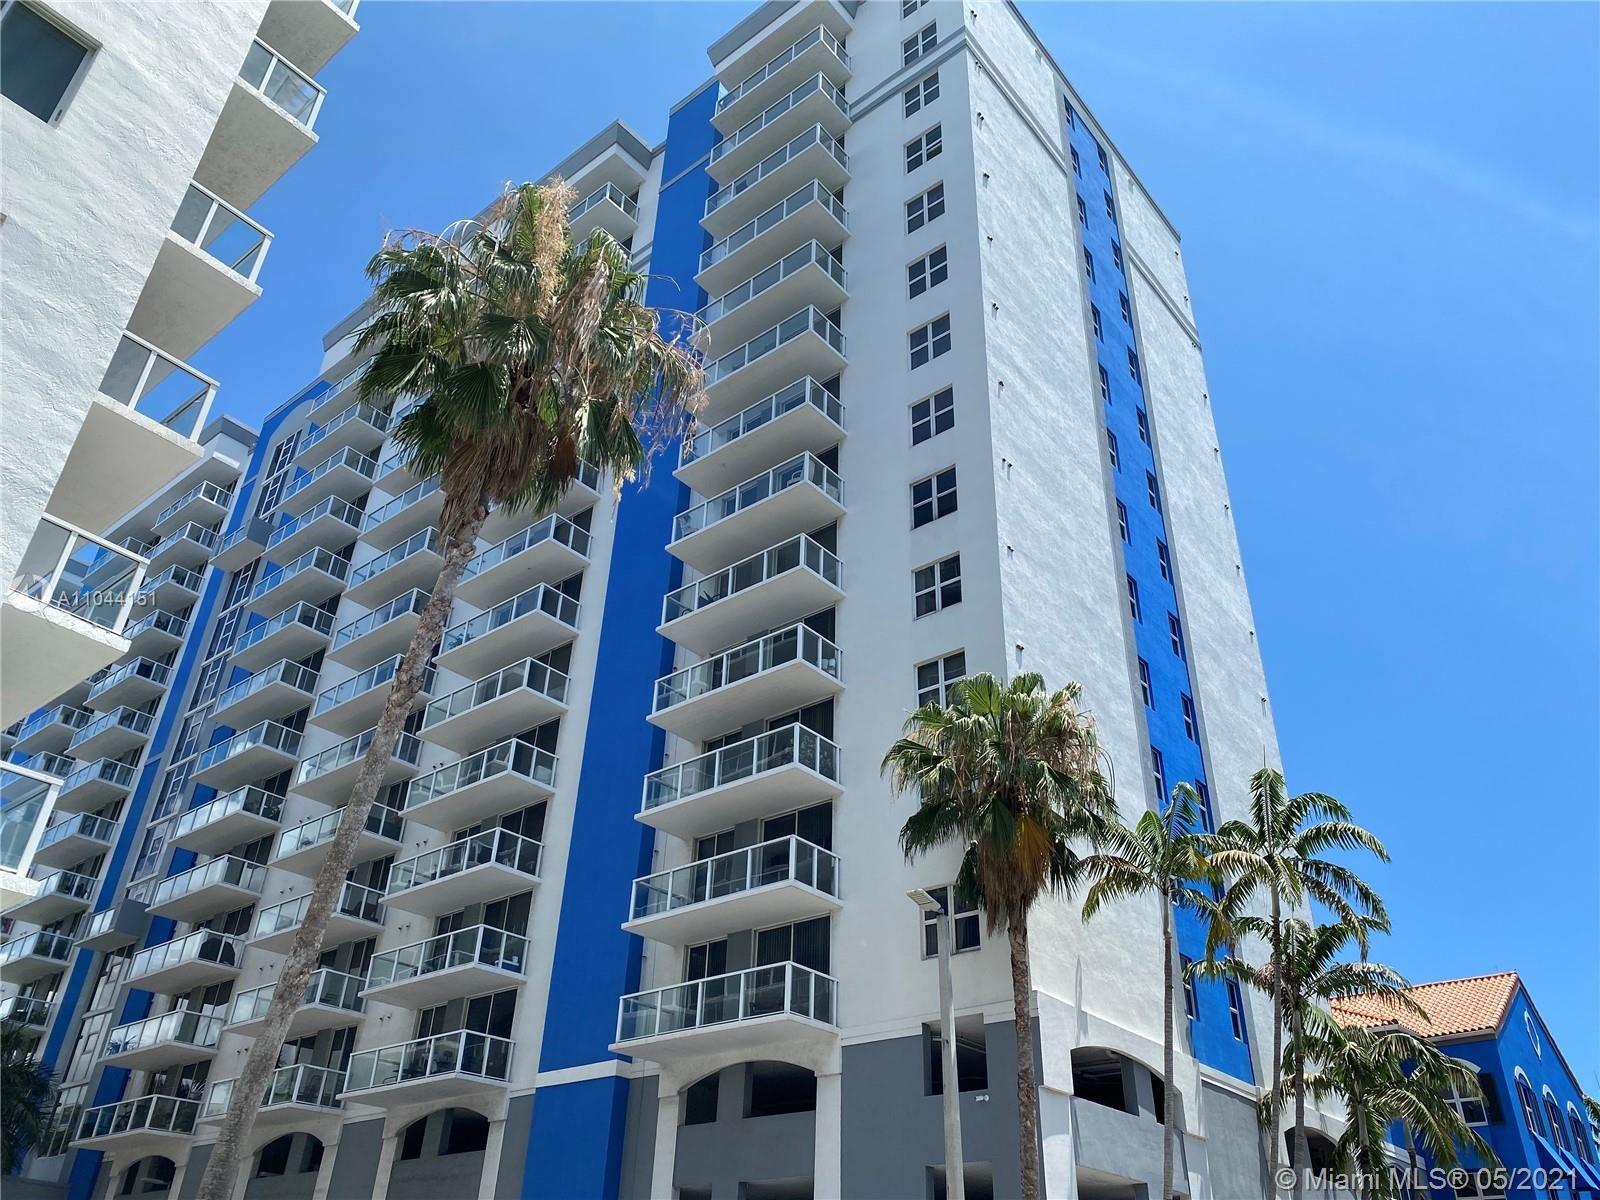 5085 NW 7th St #1007, Miami, FL 33126 - #: A11044151